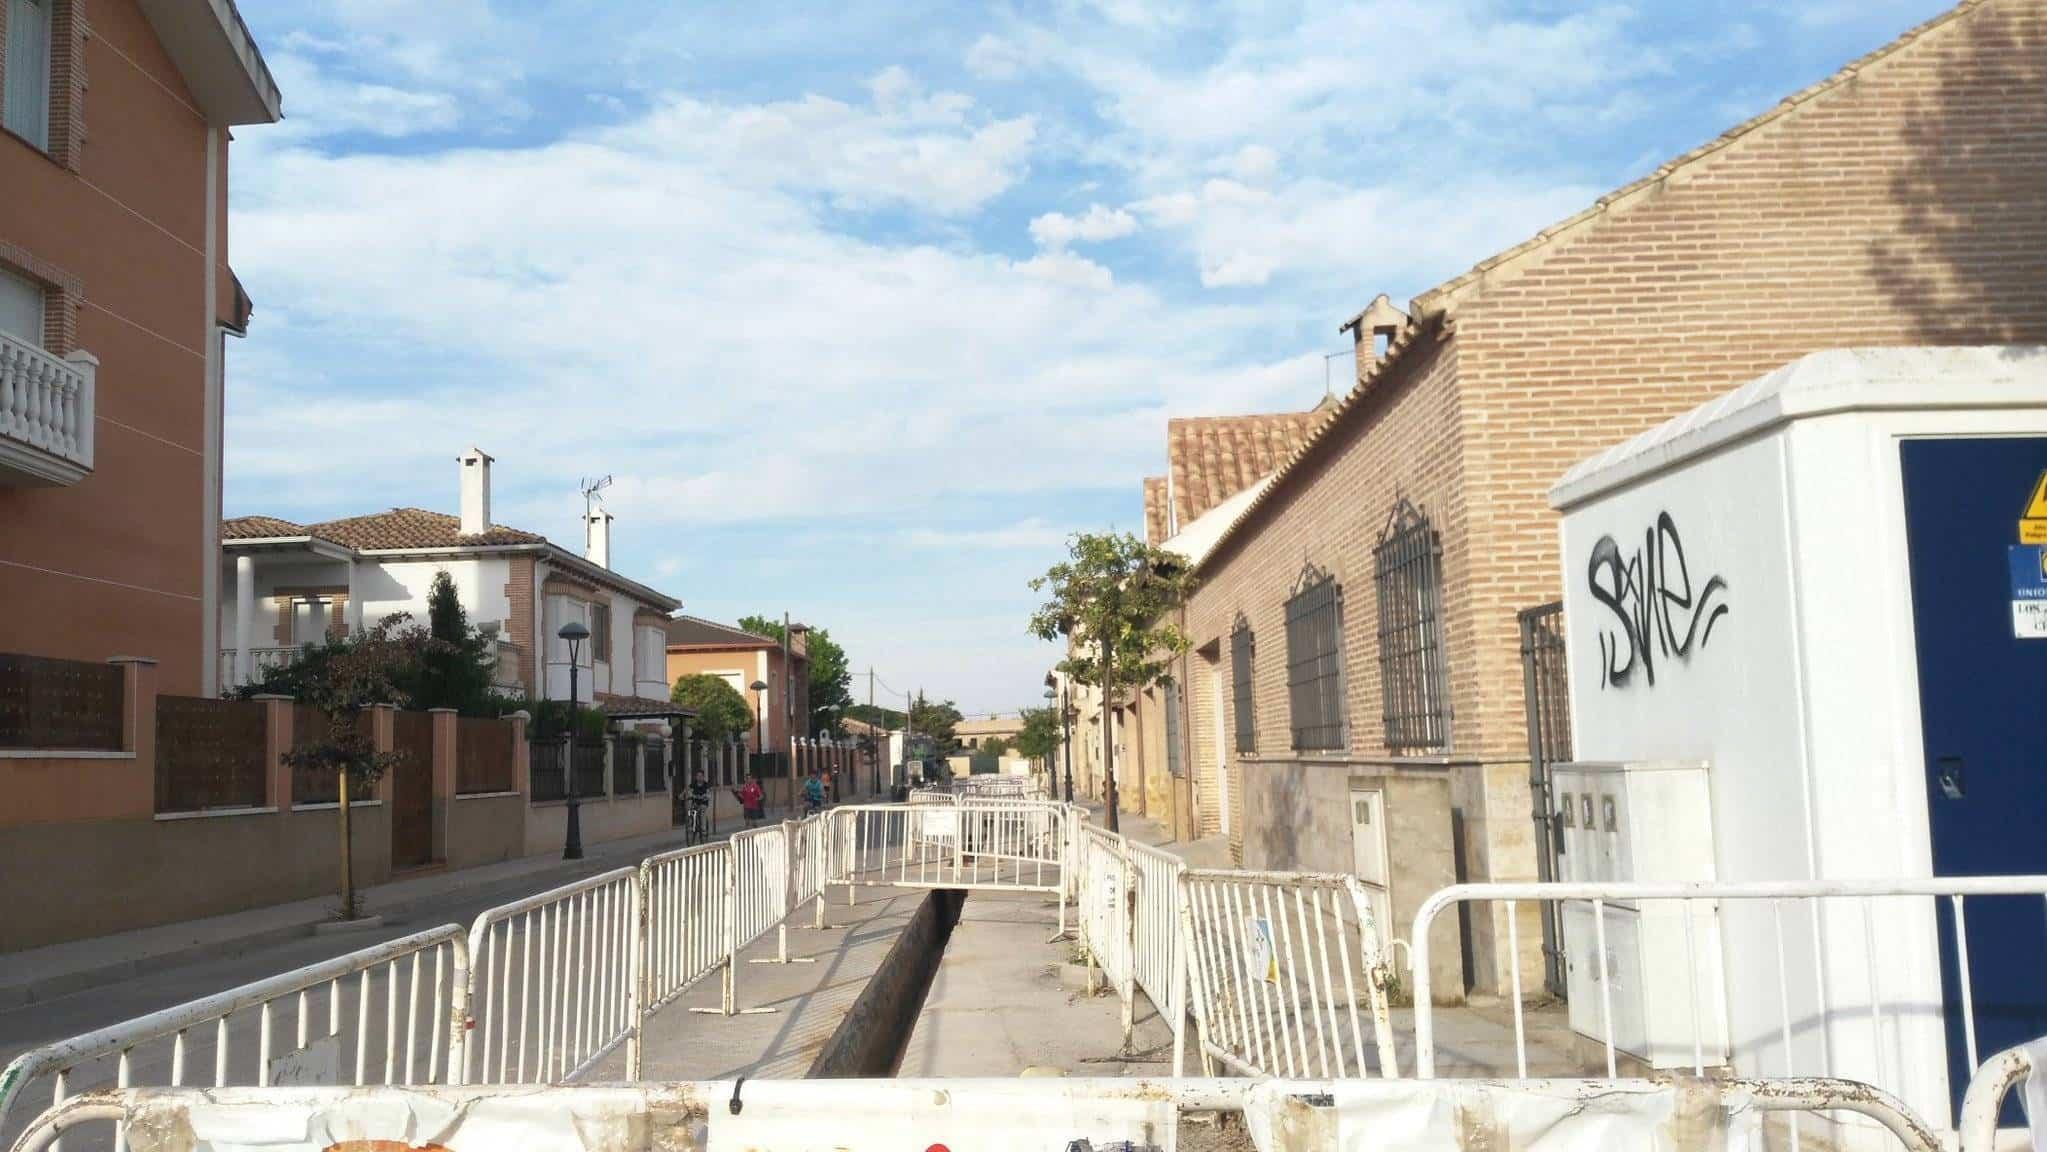 instalacion de gas los jardines herencia - Sigue la implantación de canalización de gas en Herencia